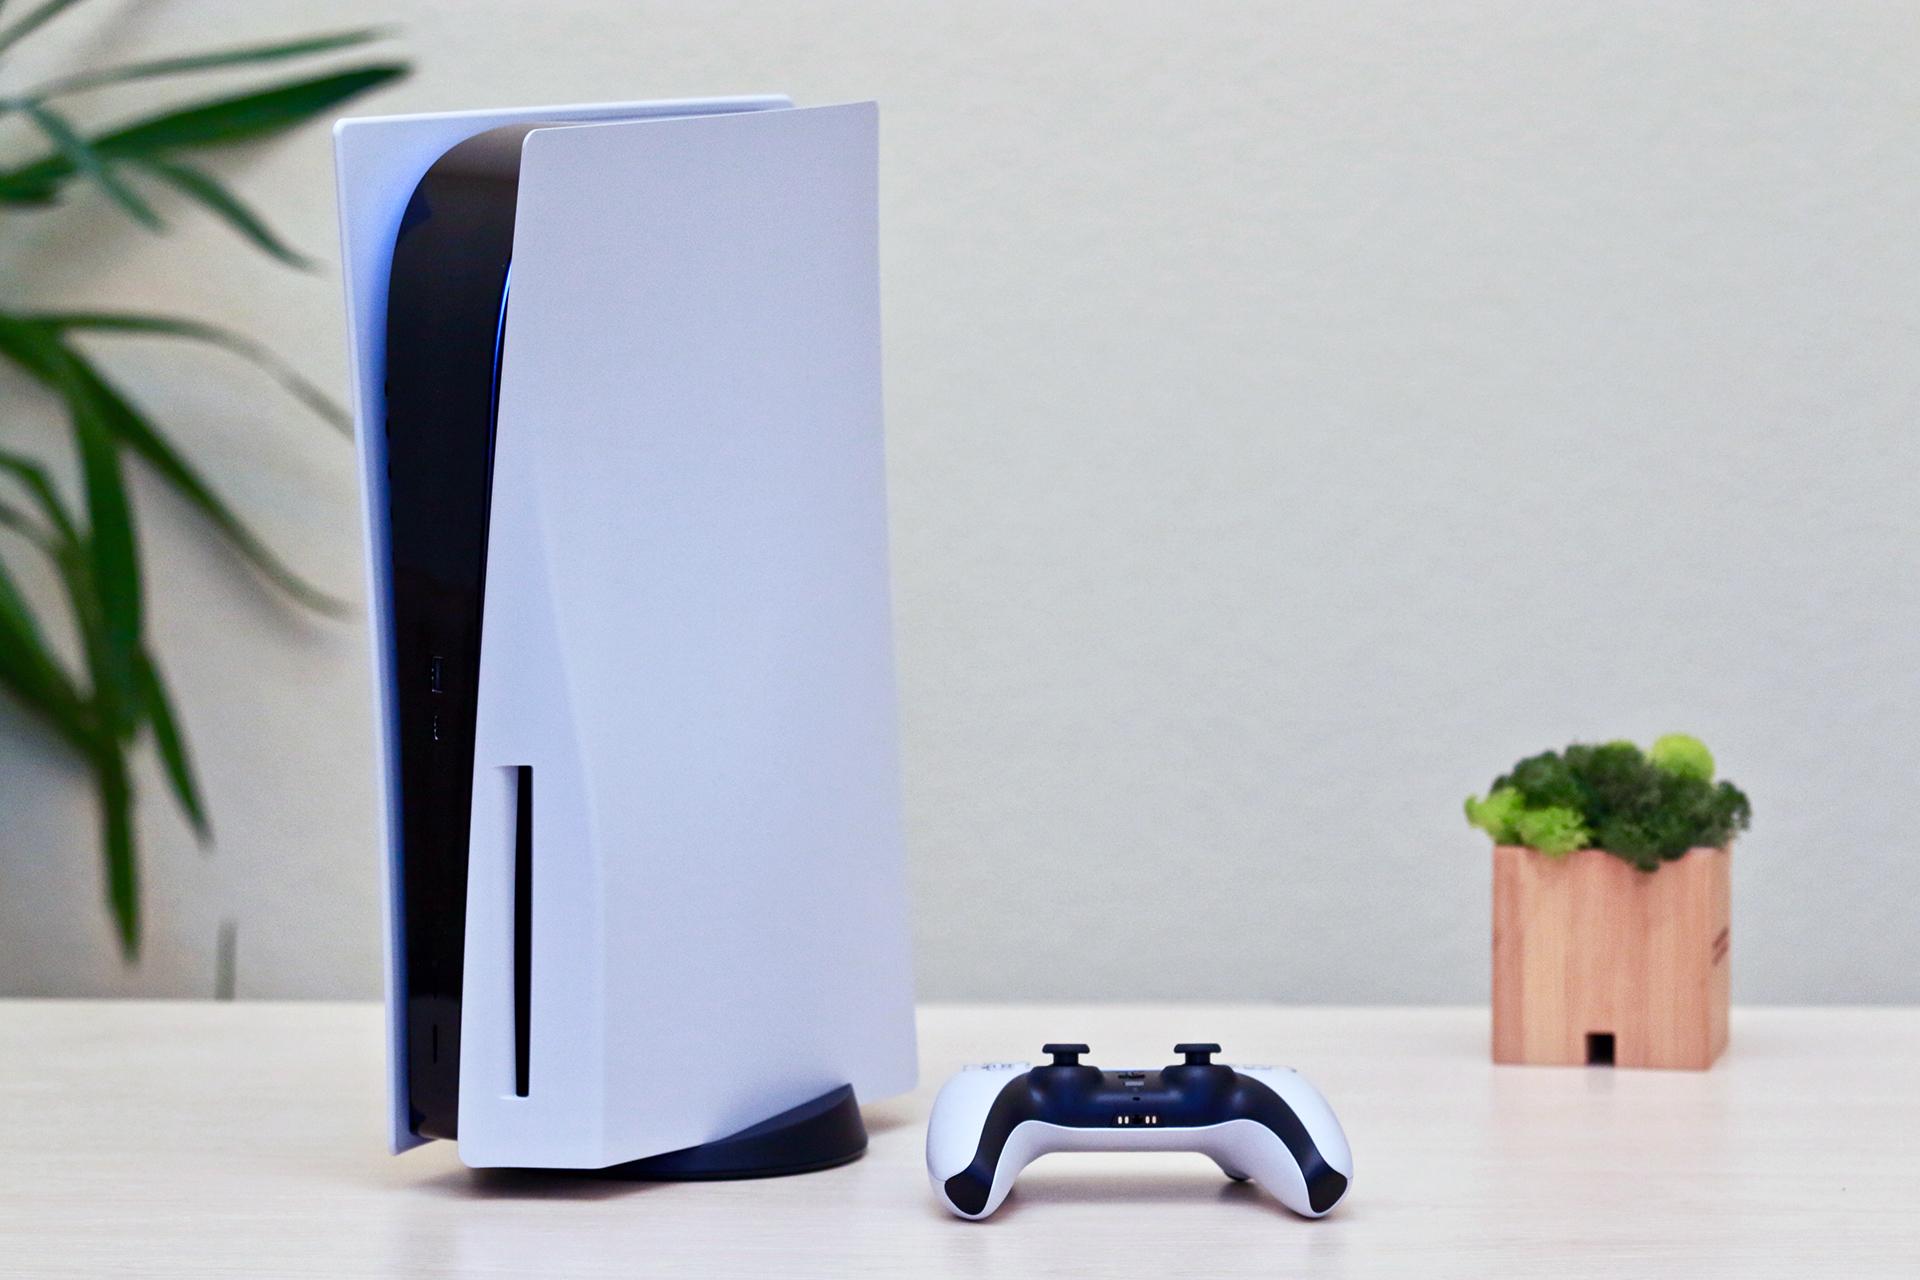 Обзор Sony PlayStation 5: купи меня, если сможешь